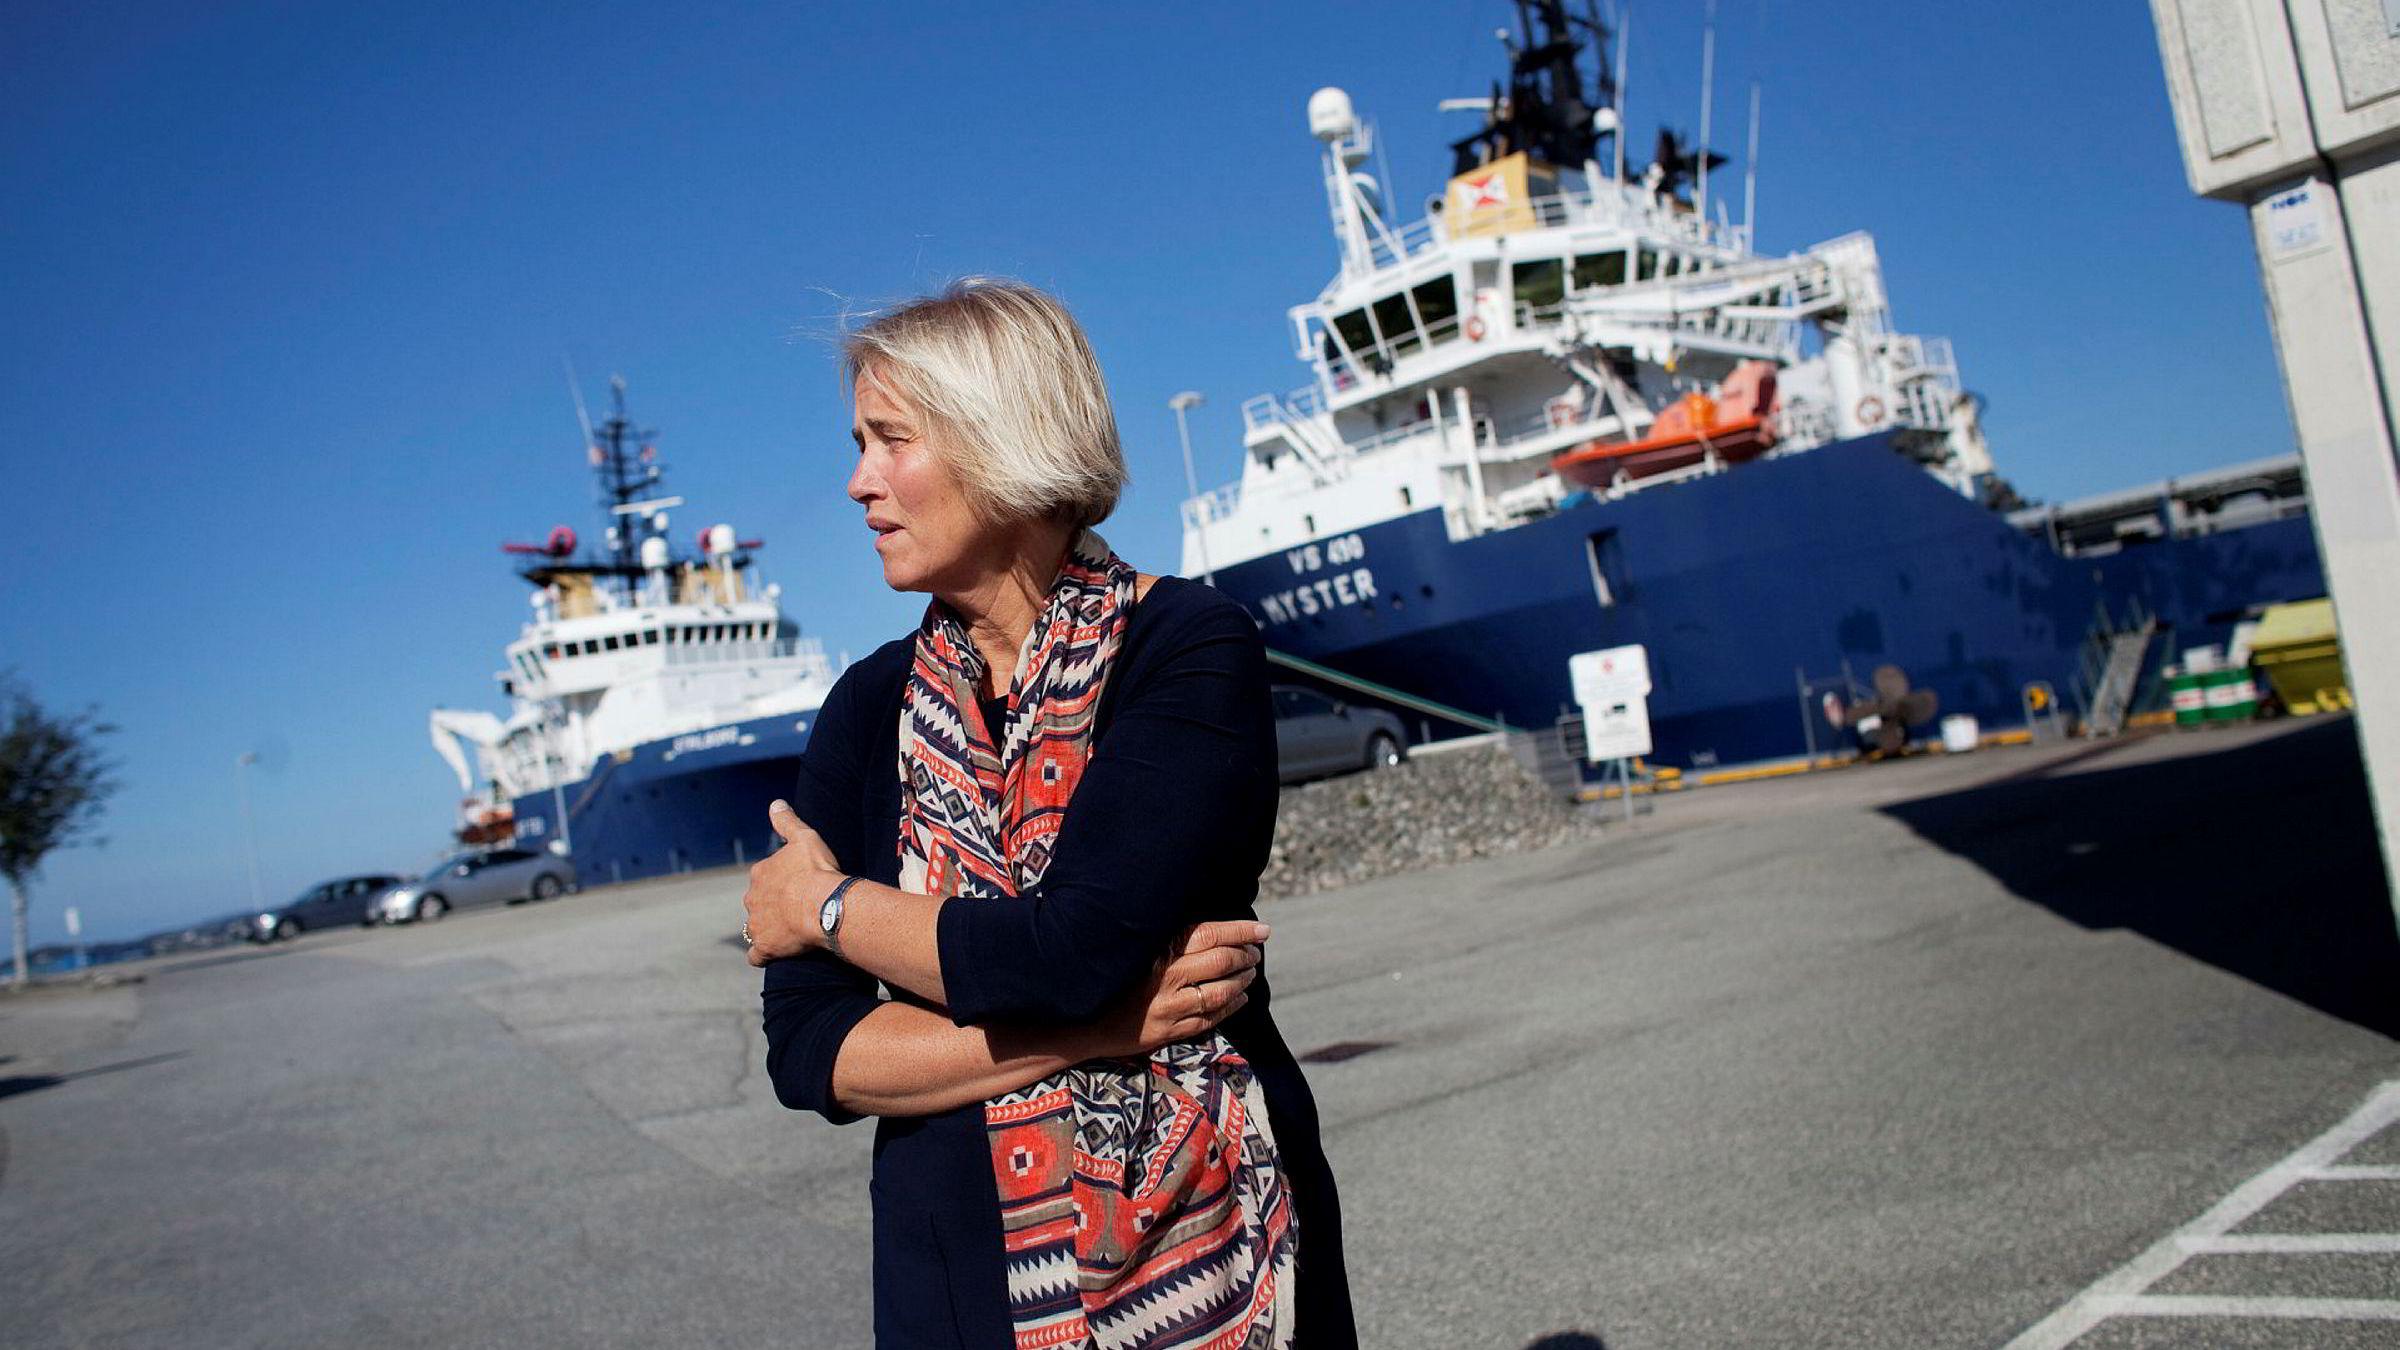 Anne Jorunn Møkster er sjef i Møkster Shipping, som hun eier sammen med søsknene. Her ved hovedkontoret i Stavanger med et par av fartøyene ved kai.